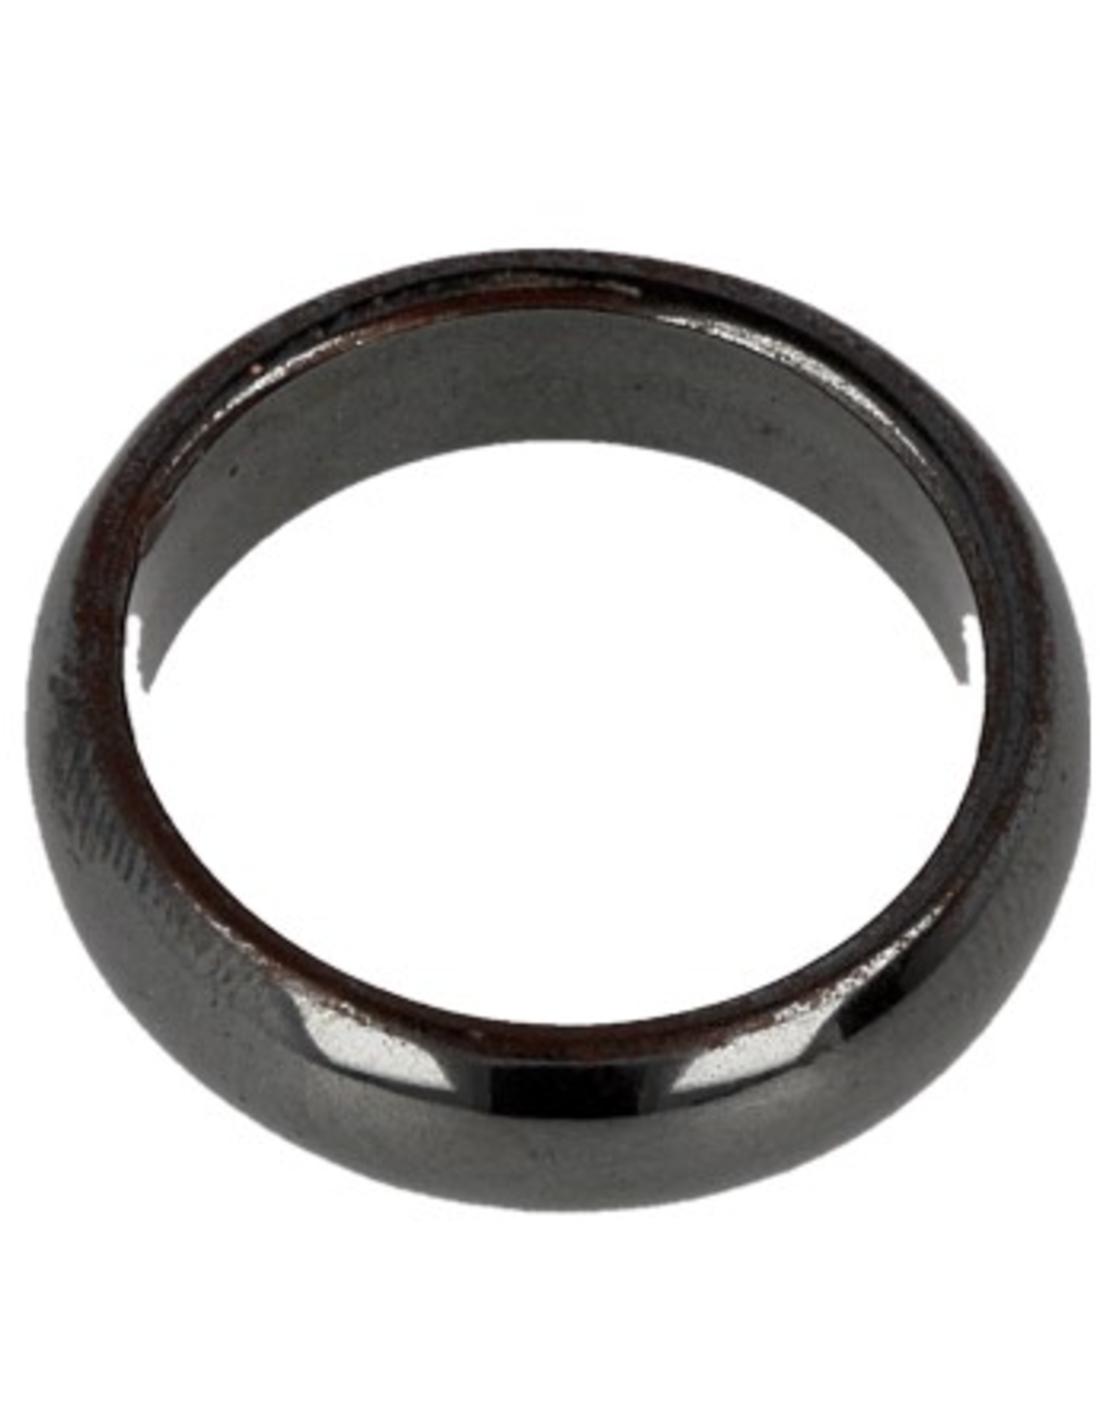 Hematiet edelsteen ring 6 mm - 20